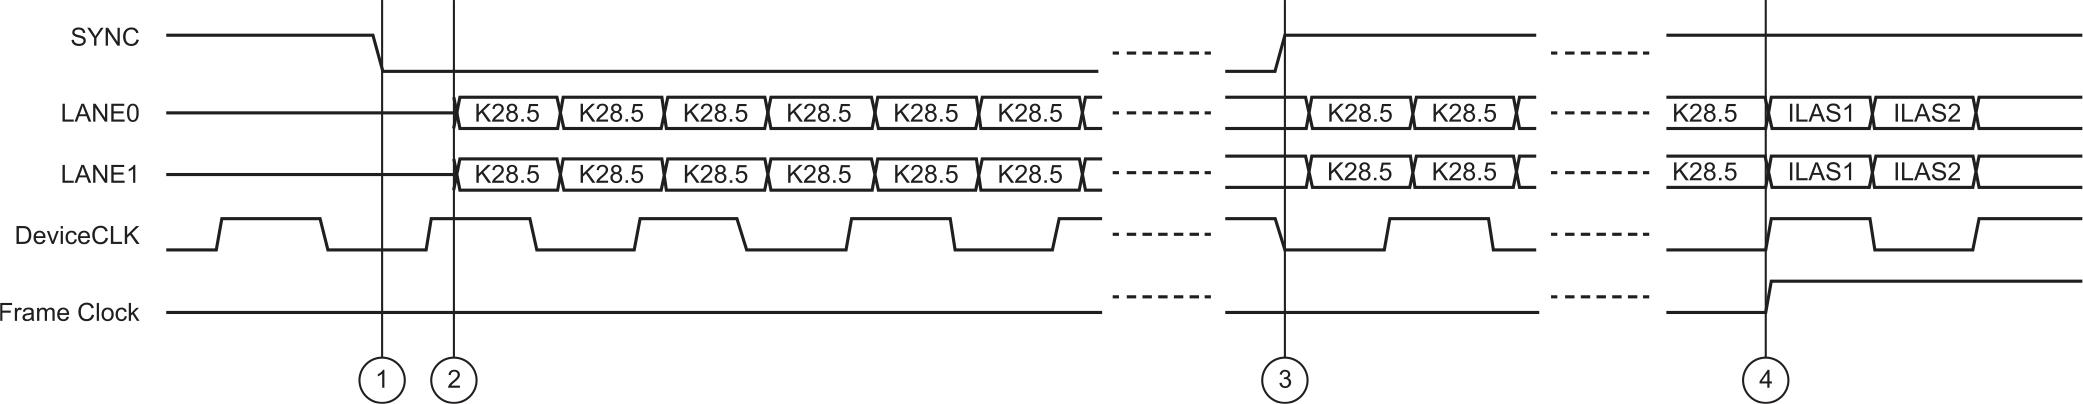 Состояние выходов JESD204B подкласса 0 в течение фазы CGS (два канала, одна ПЛИС с двумя АЦП)